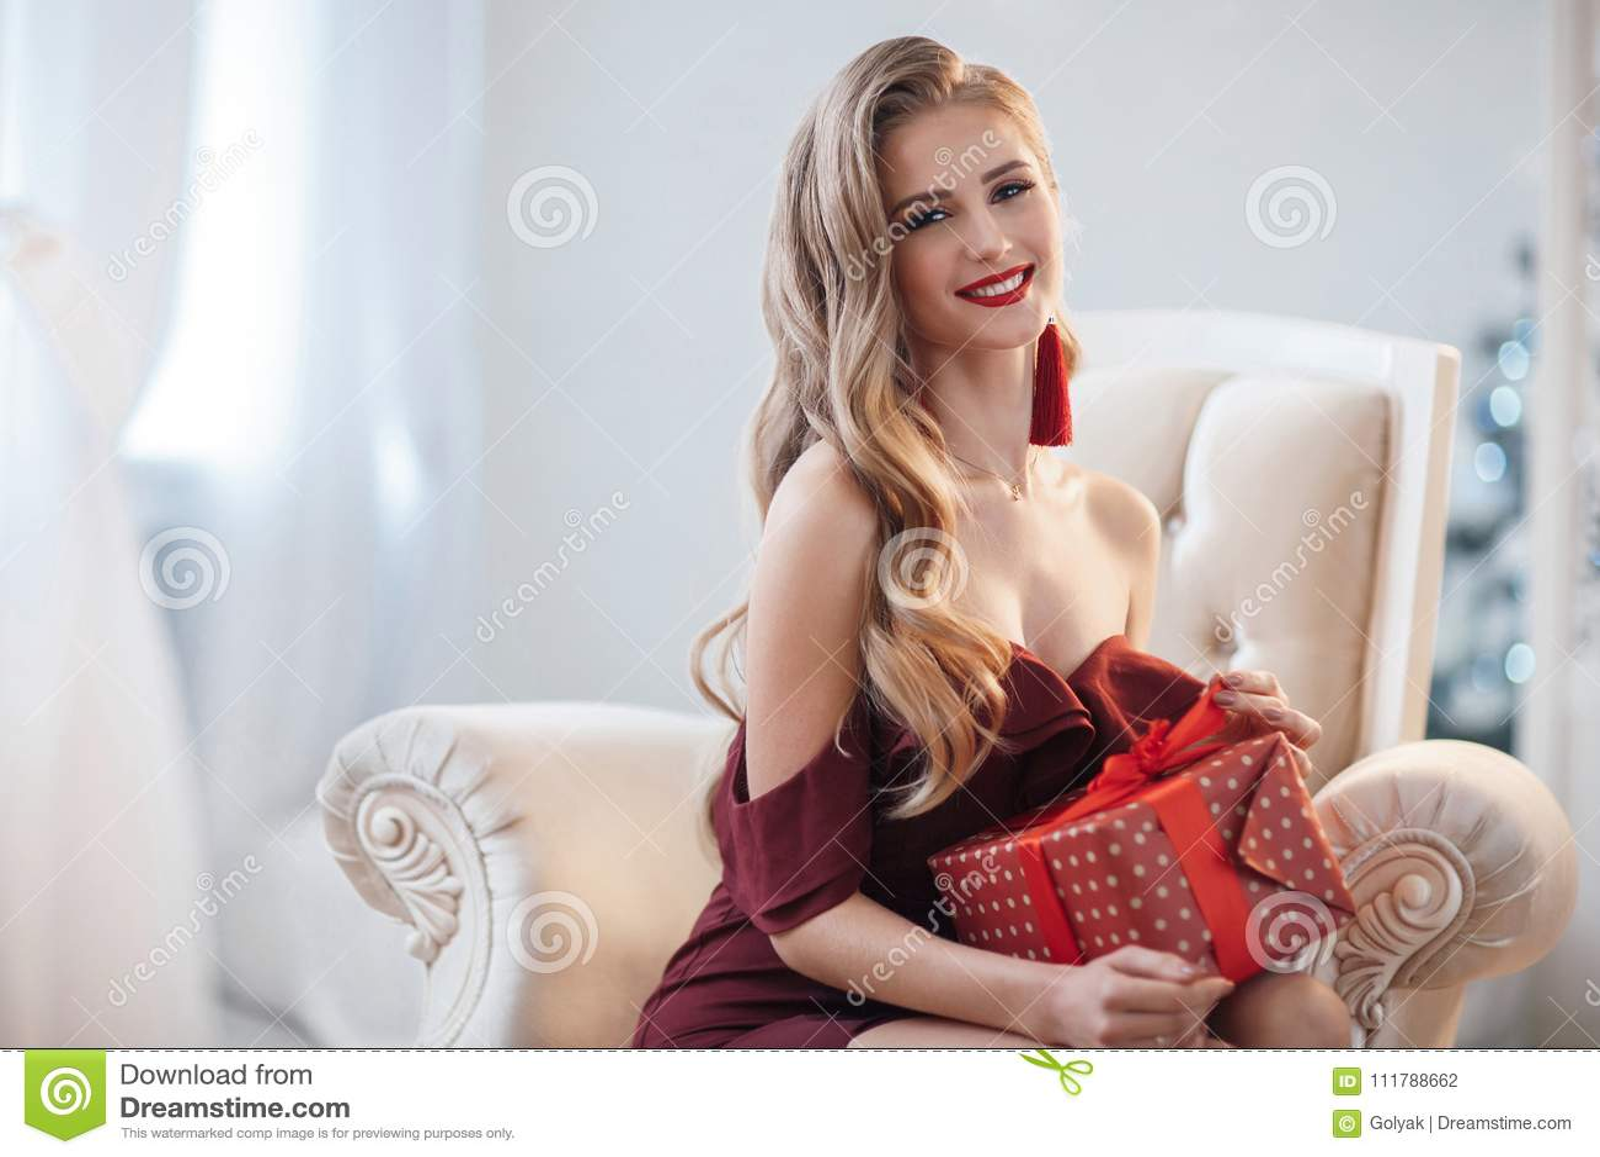 Привлекательная женщина в открытом, бургундском платье, сидя в шикарном стуле, в яркой домашней комнате, раскрывает подарок